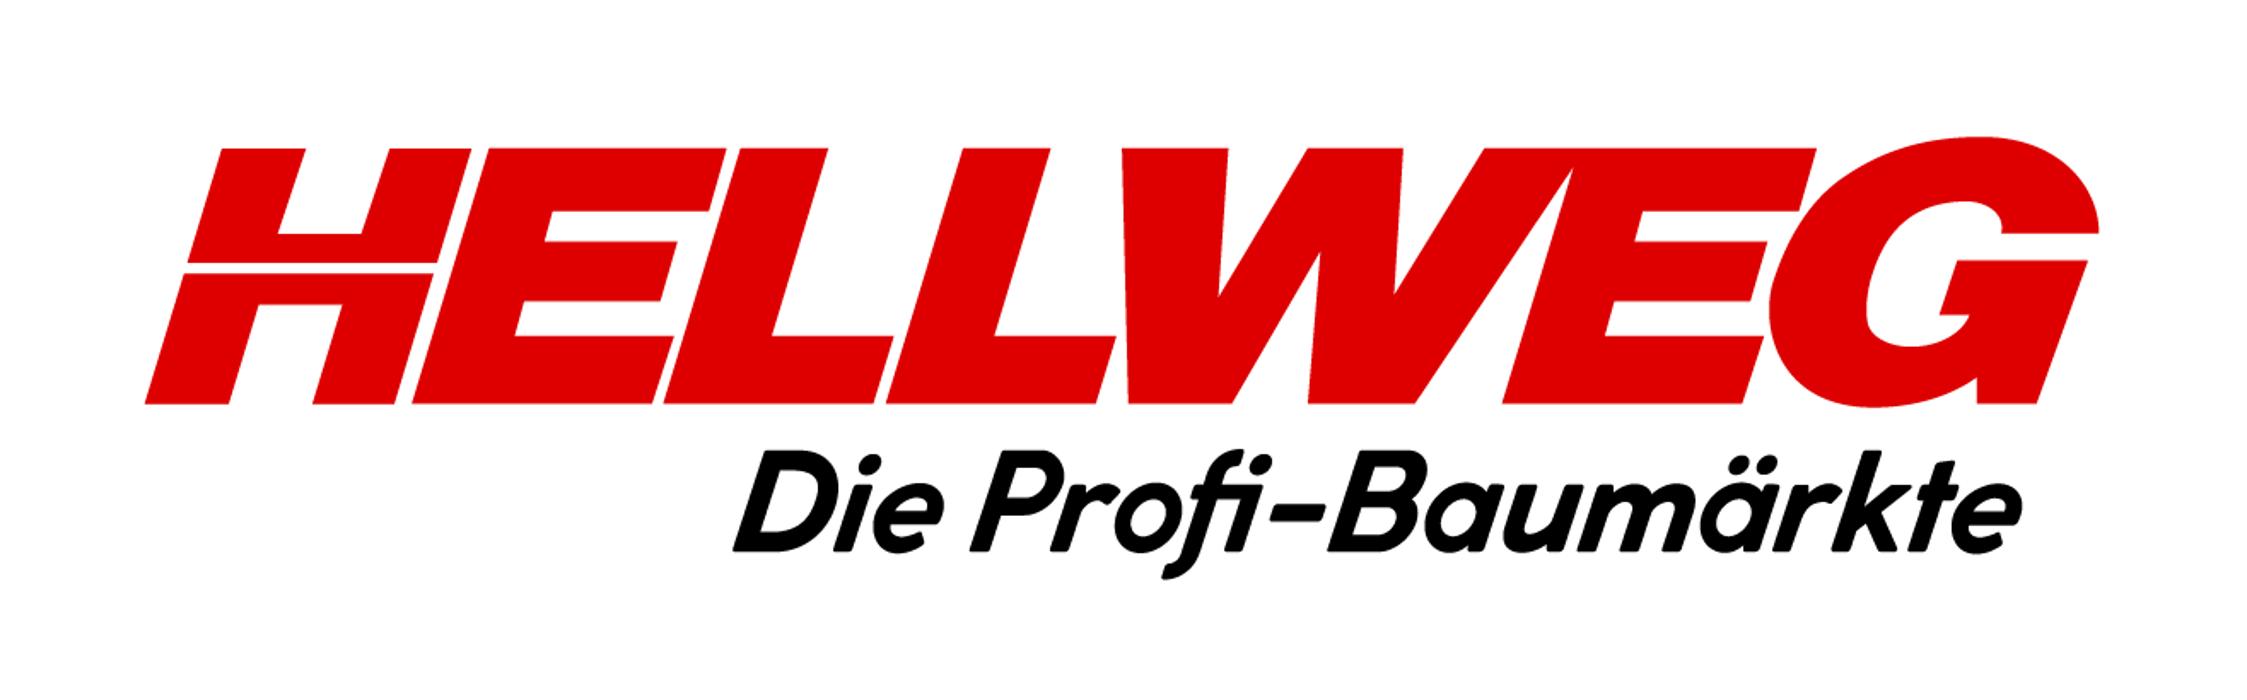 Bild zu HELLWEG - Die Profi-Baumärkte Hagen in Hagen in Westfalen